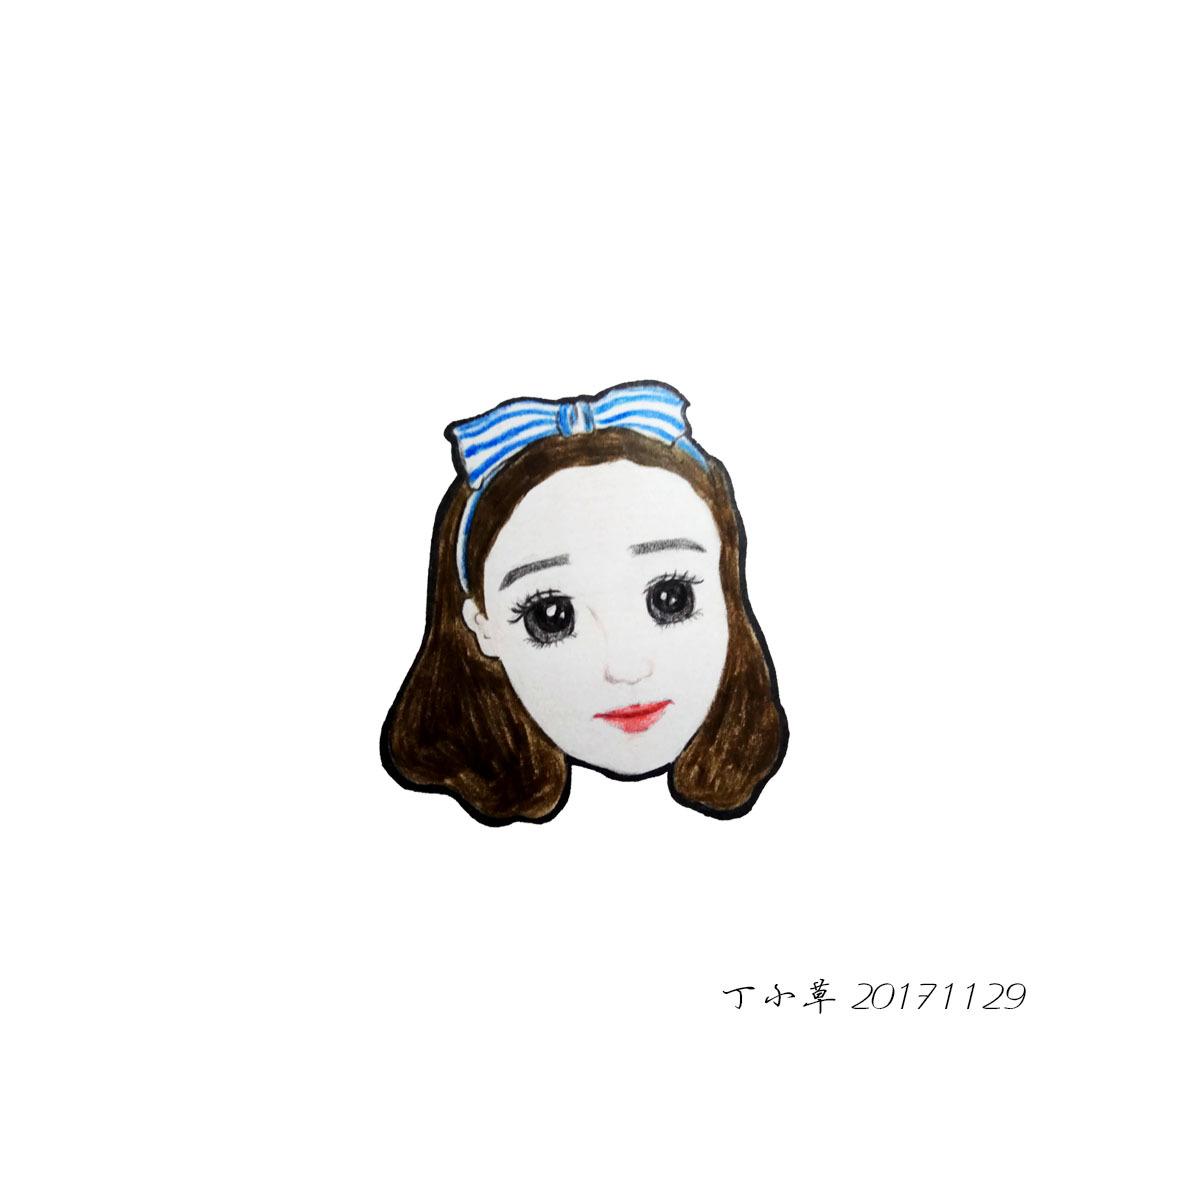 彩铅手绘|动漫|肖像漫画|卖酱草 - 原创作品 - 站酷